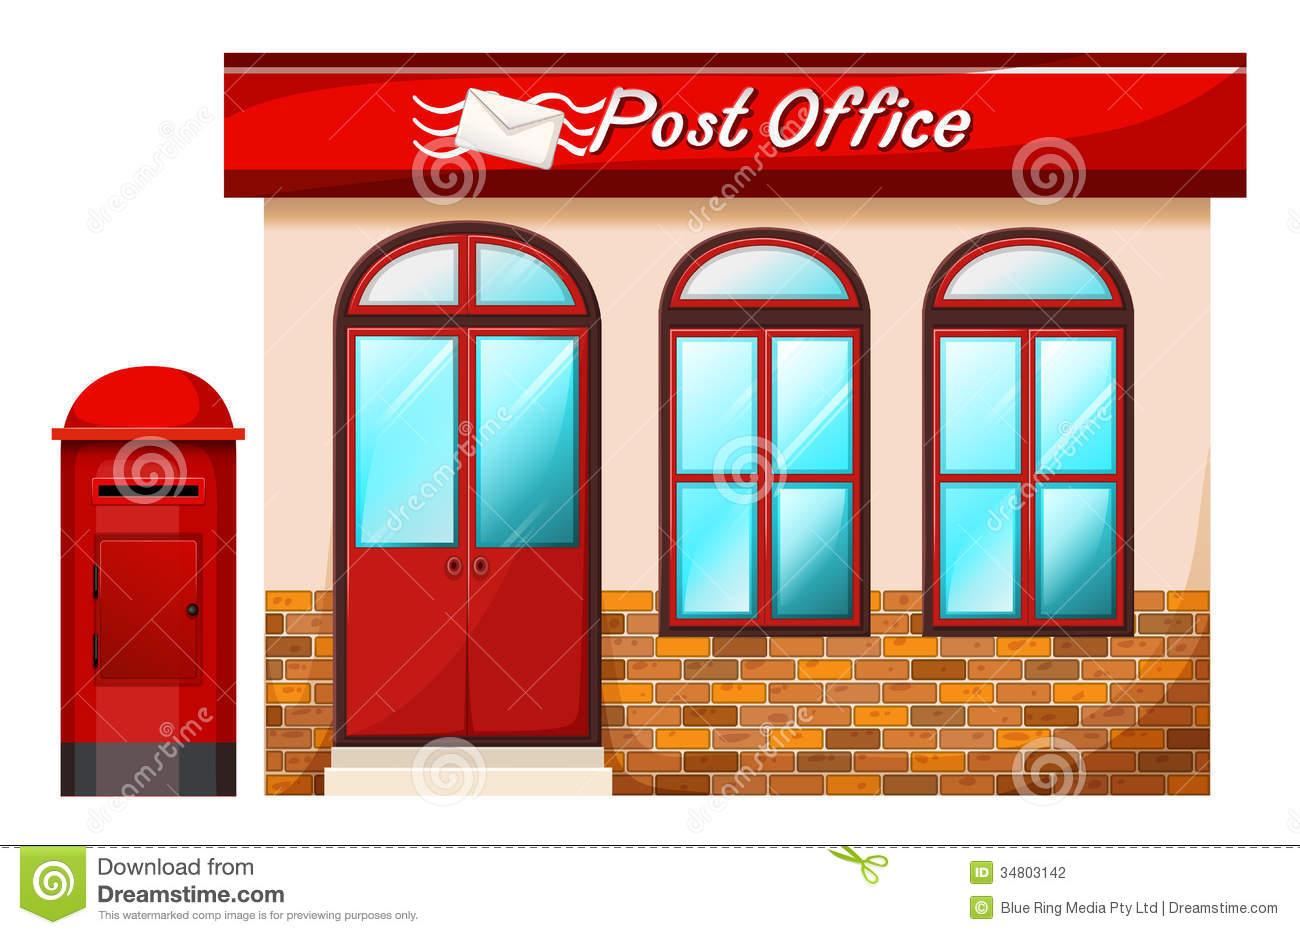 Office clipart office building Office Building collection hd Post